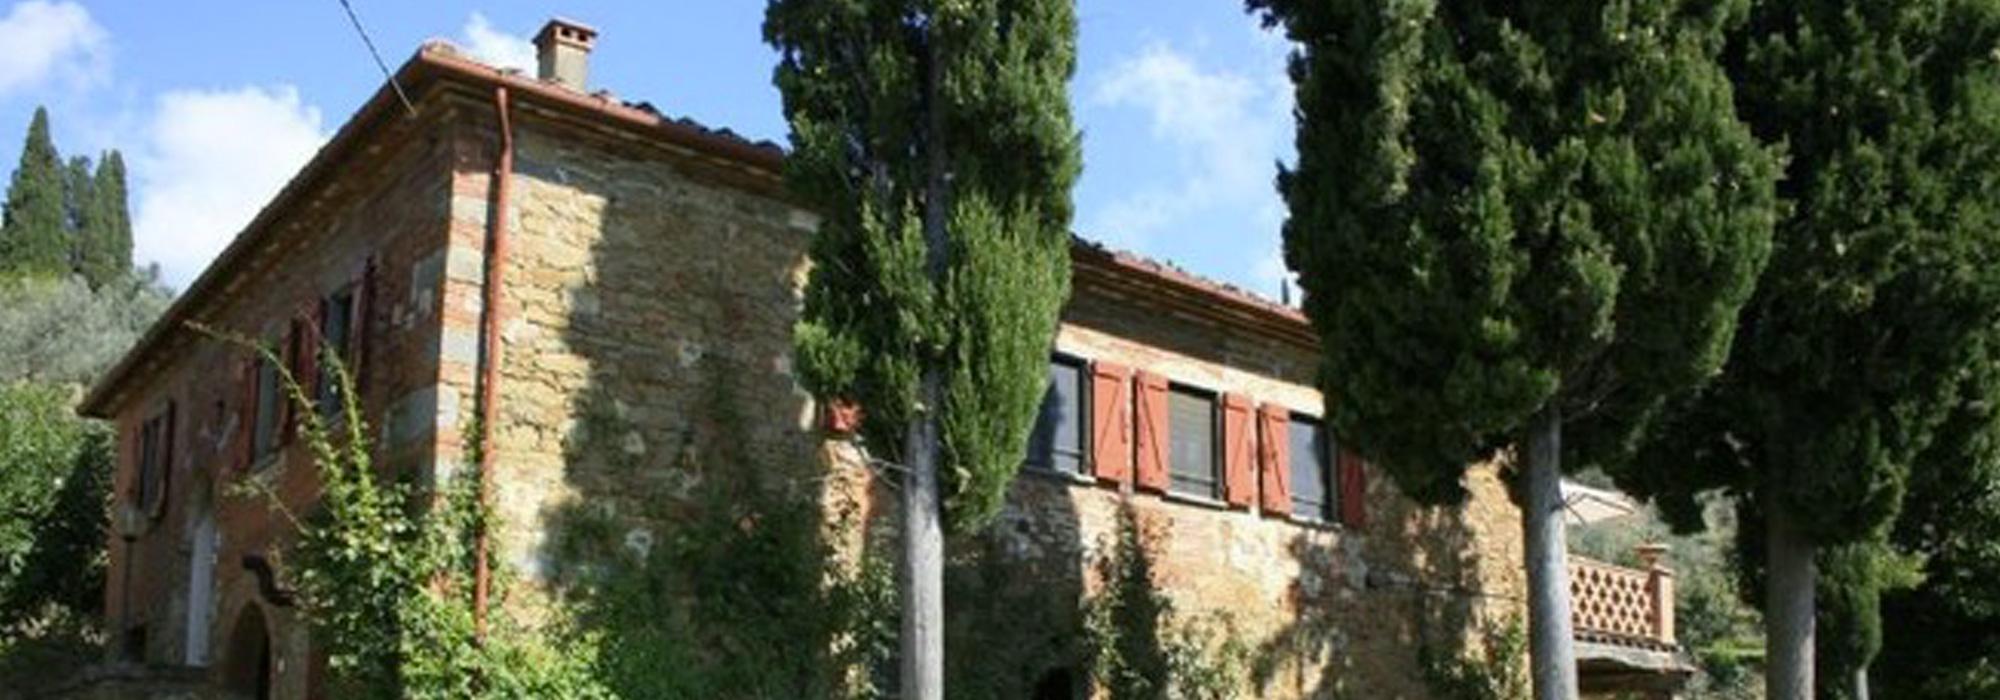 Rustico, Casale in Vendita in zona Cozzano a Castiglion Fiorentino